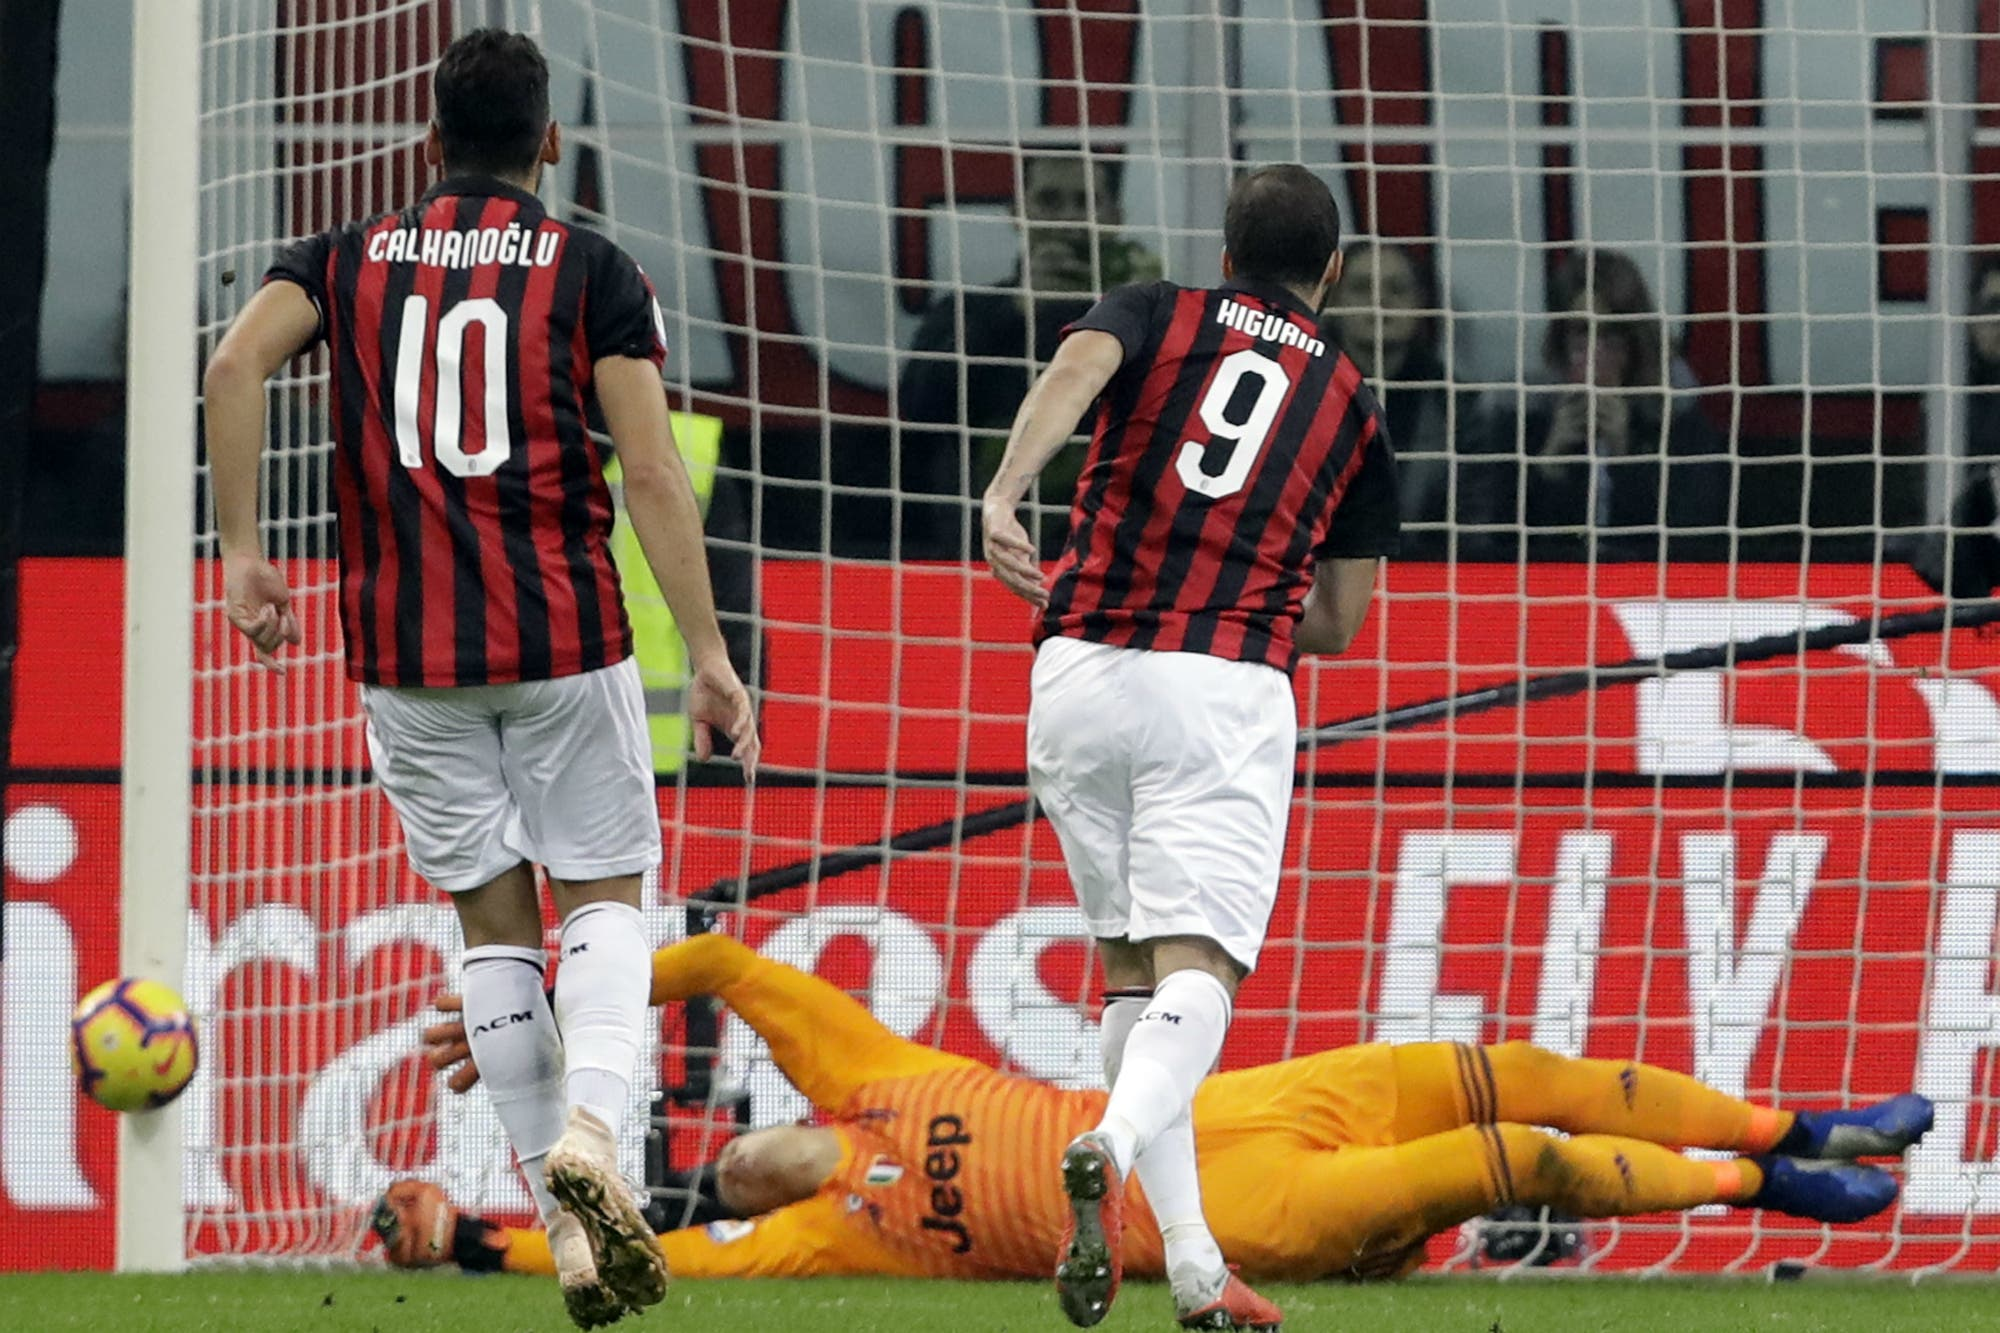 Todo mal para Higuaín: erró un penal, lo expulsaron y Milan perdió con Juventus por 2-0